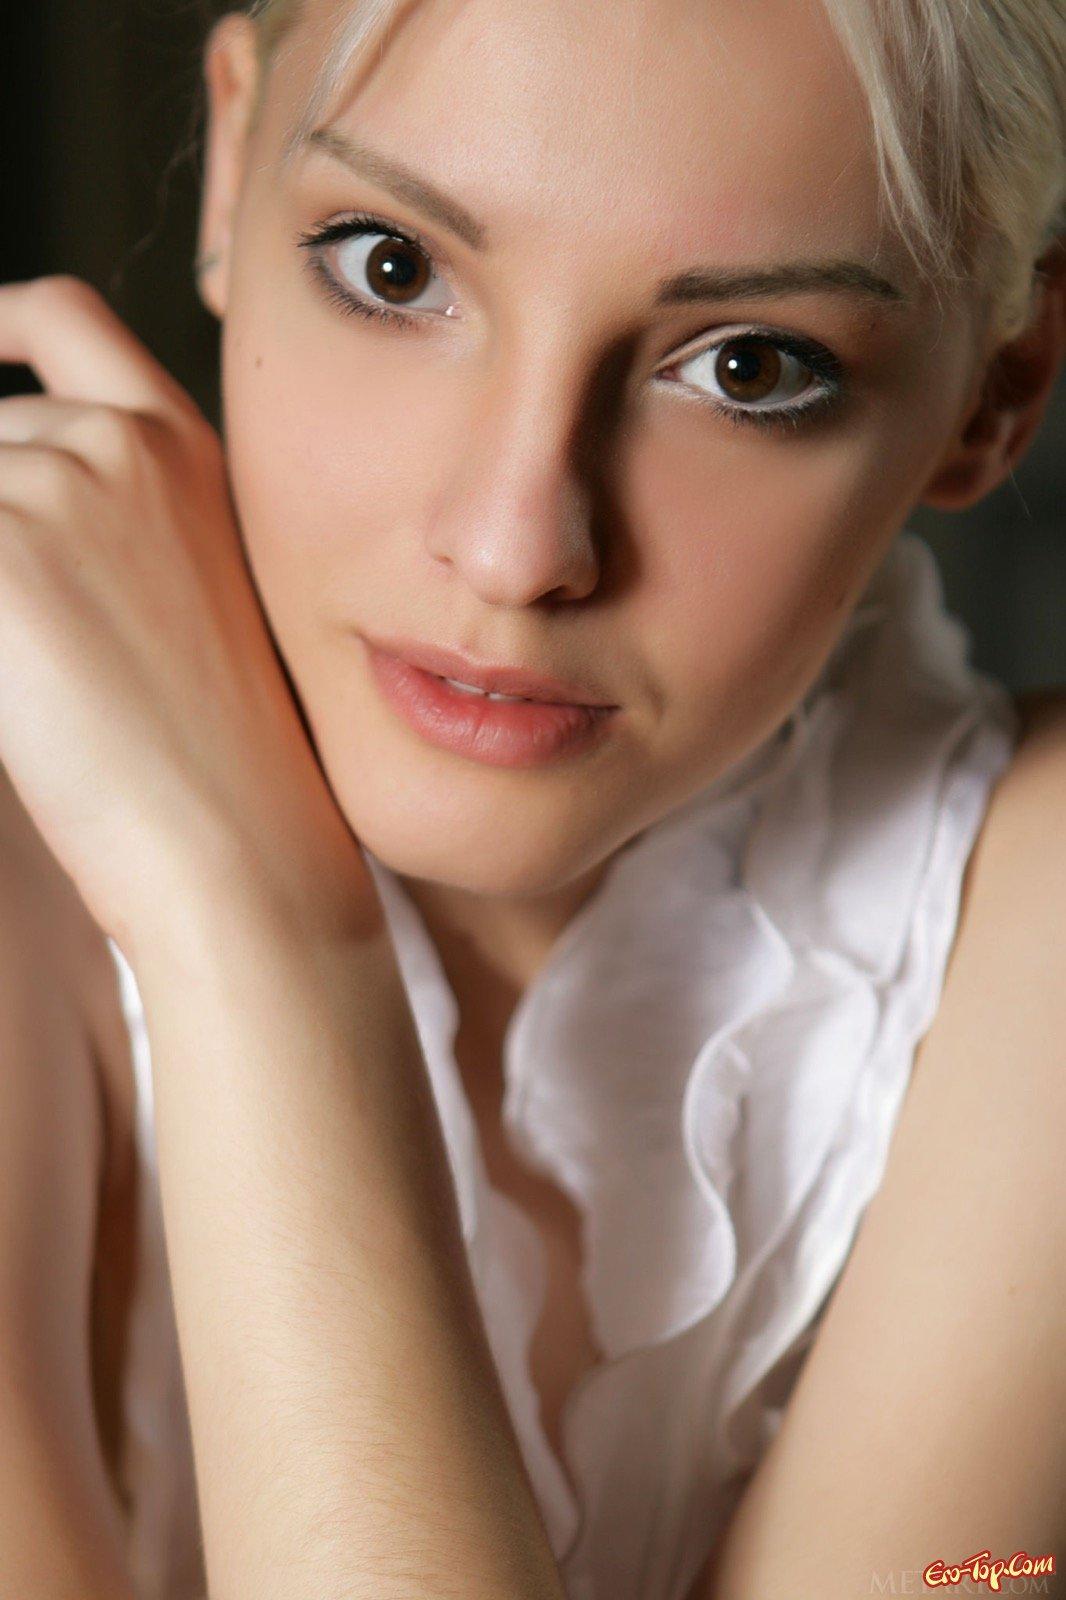 Красивые ню фото с обнажённой блондинкой